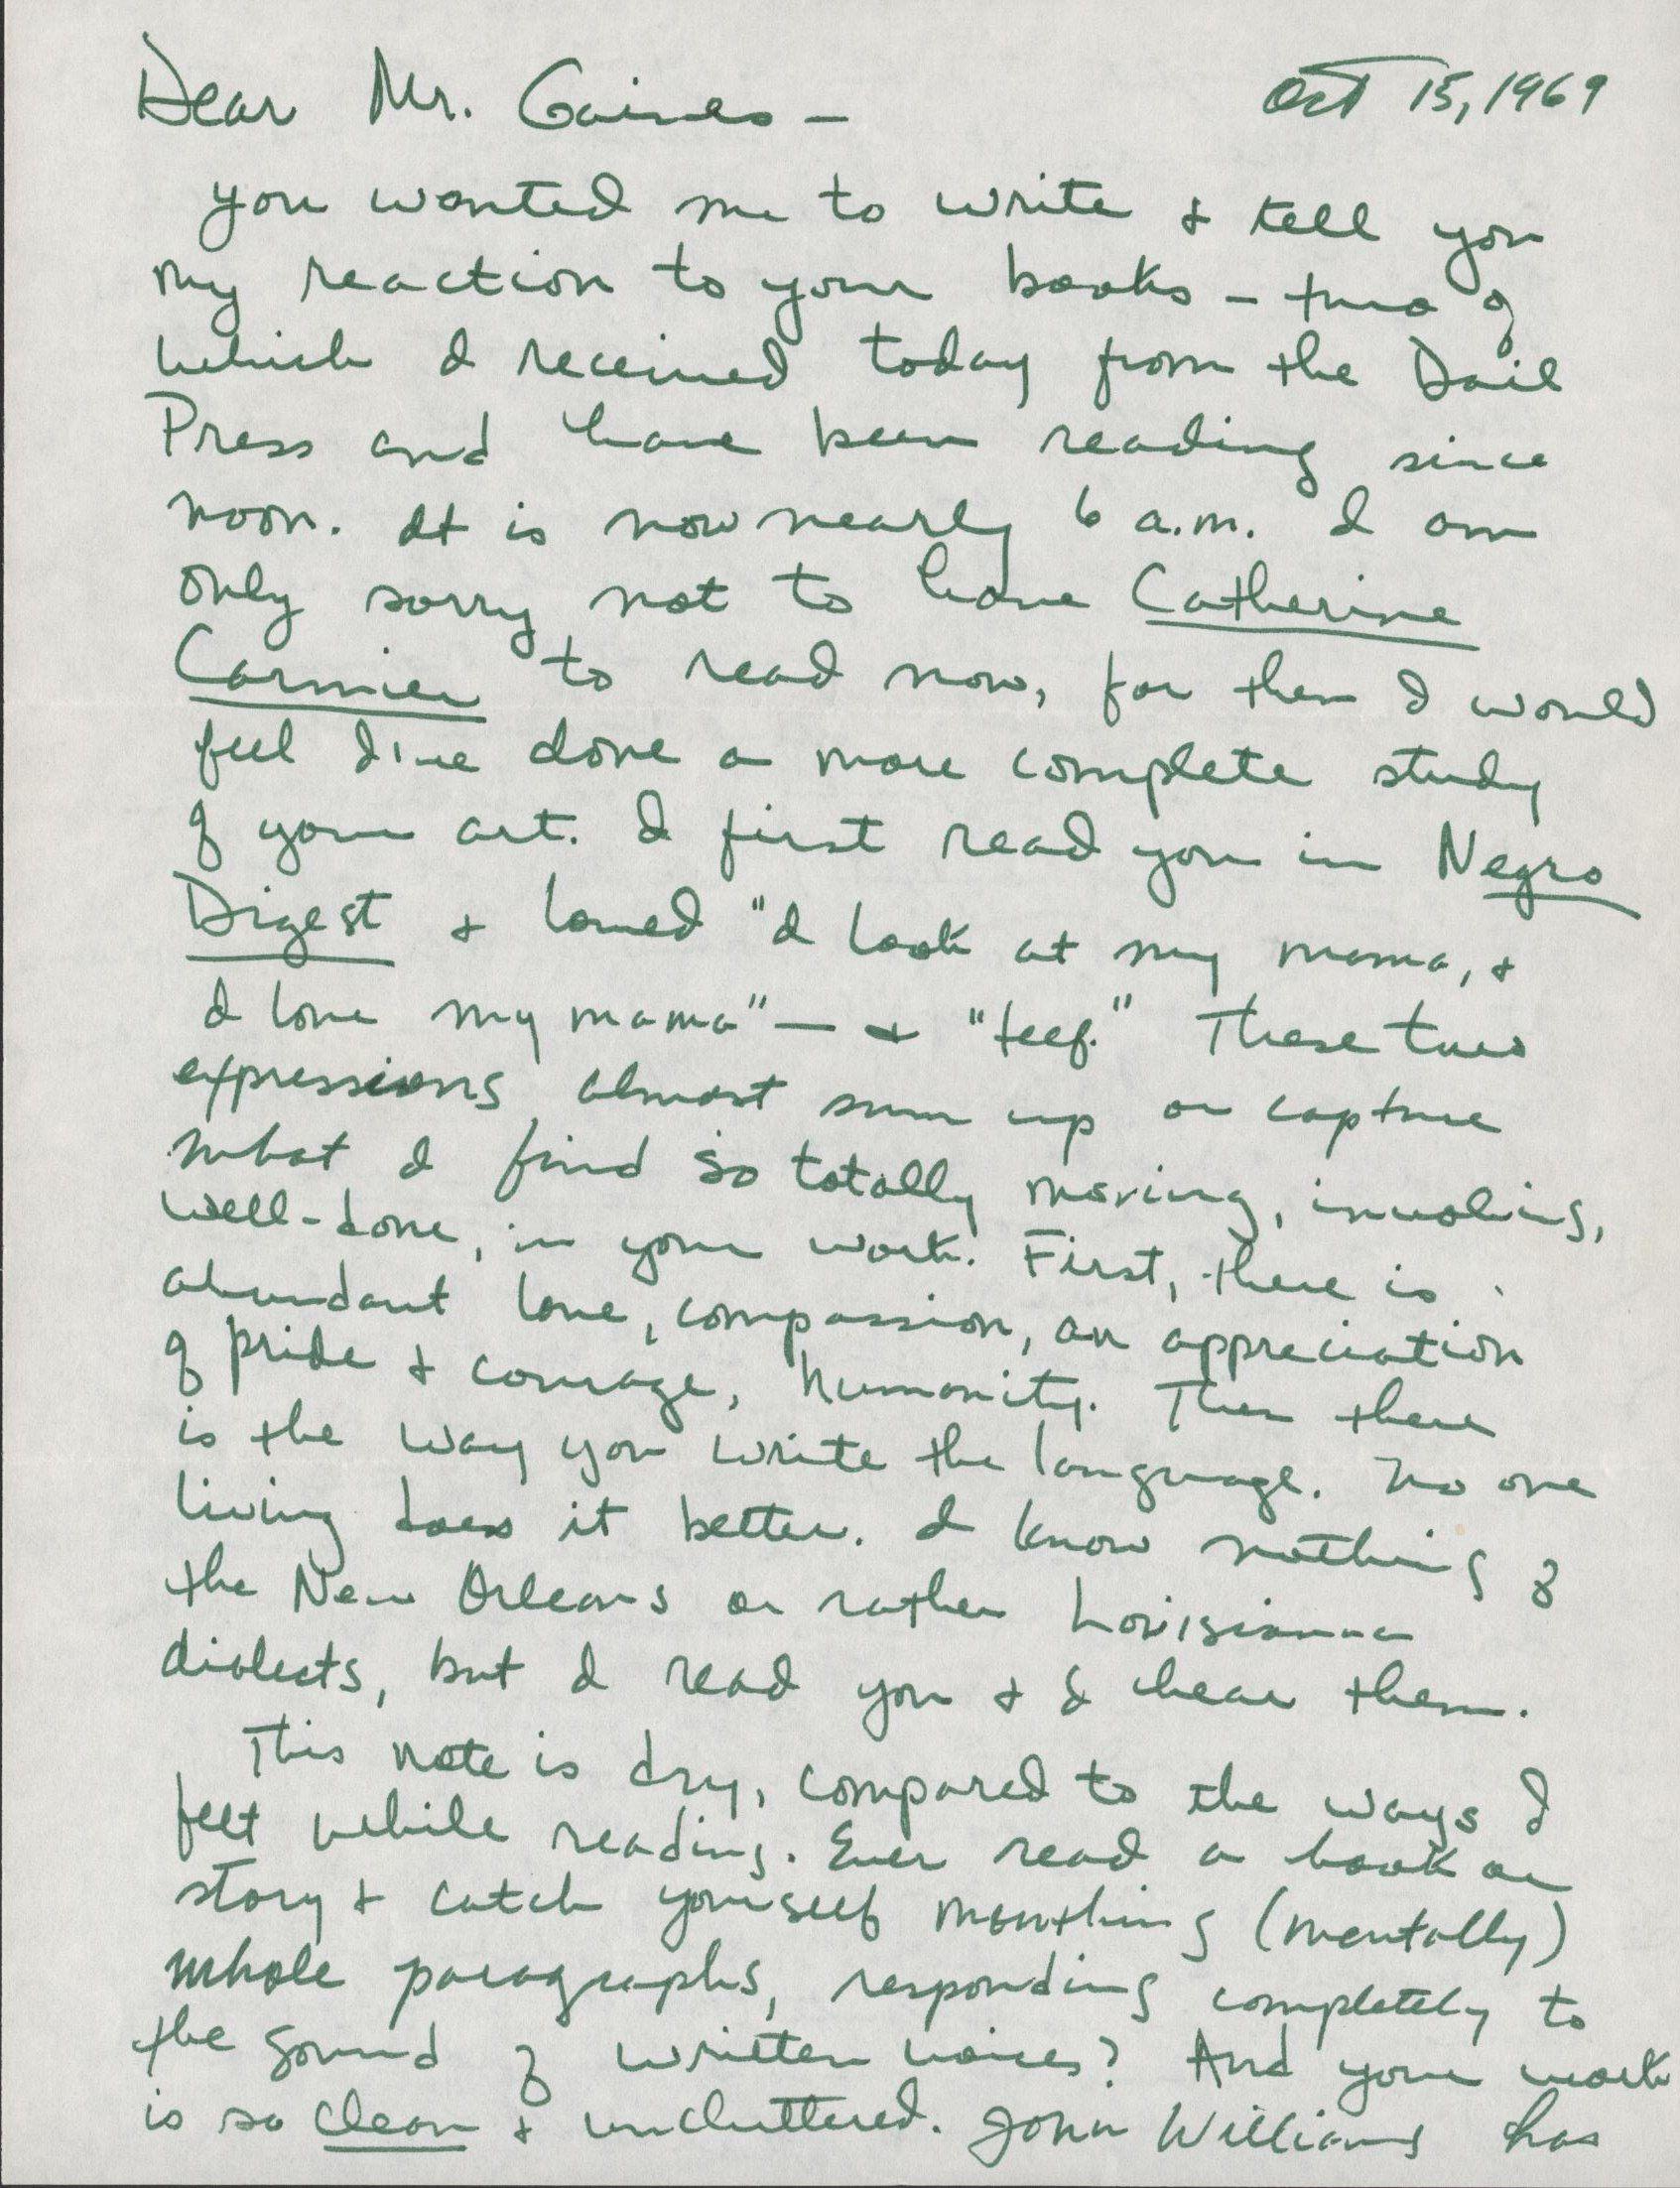 Alice Walker's letter October 15, 1969